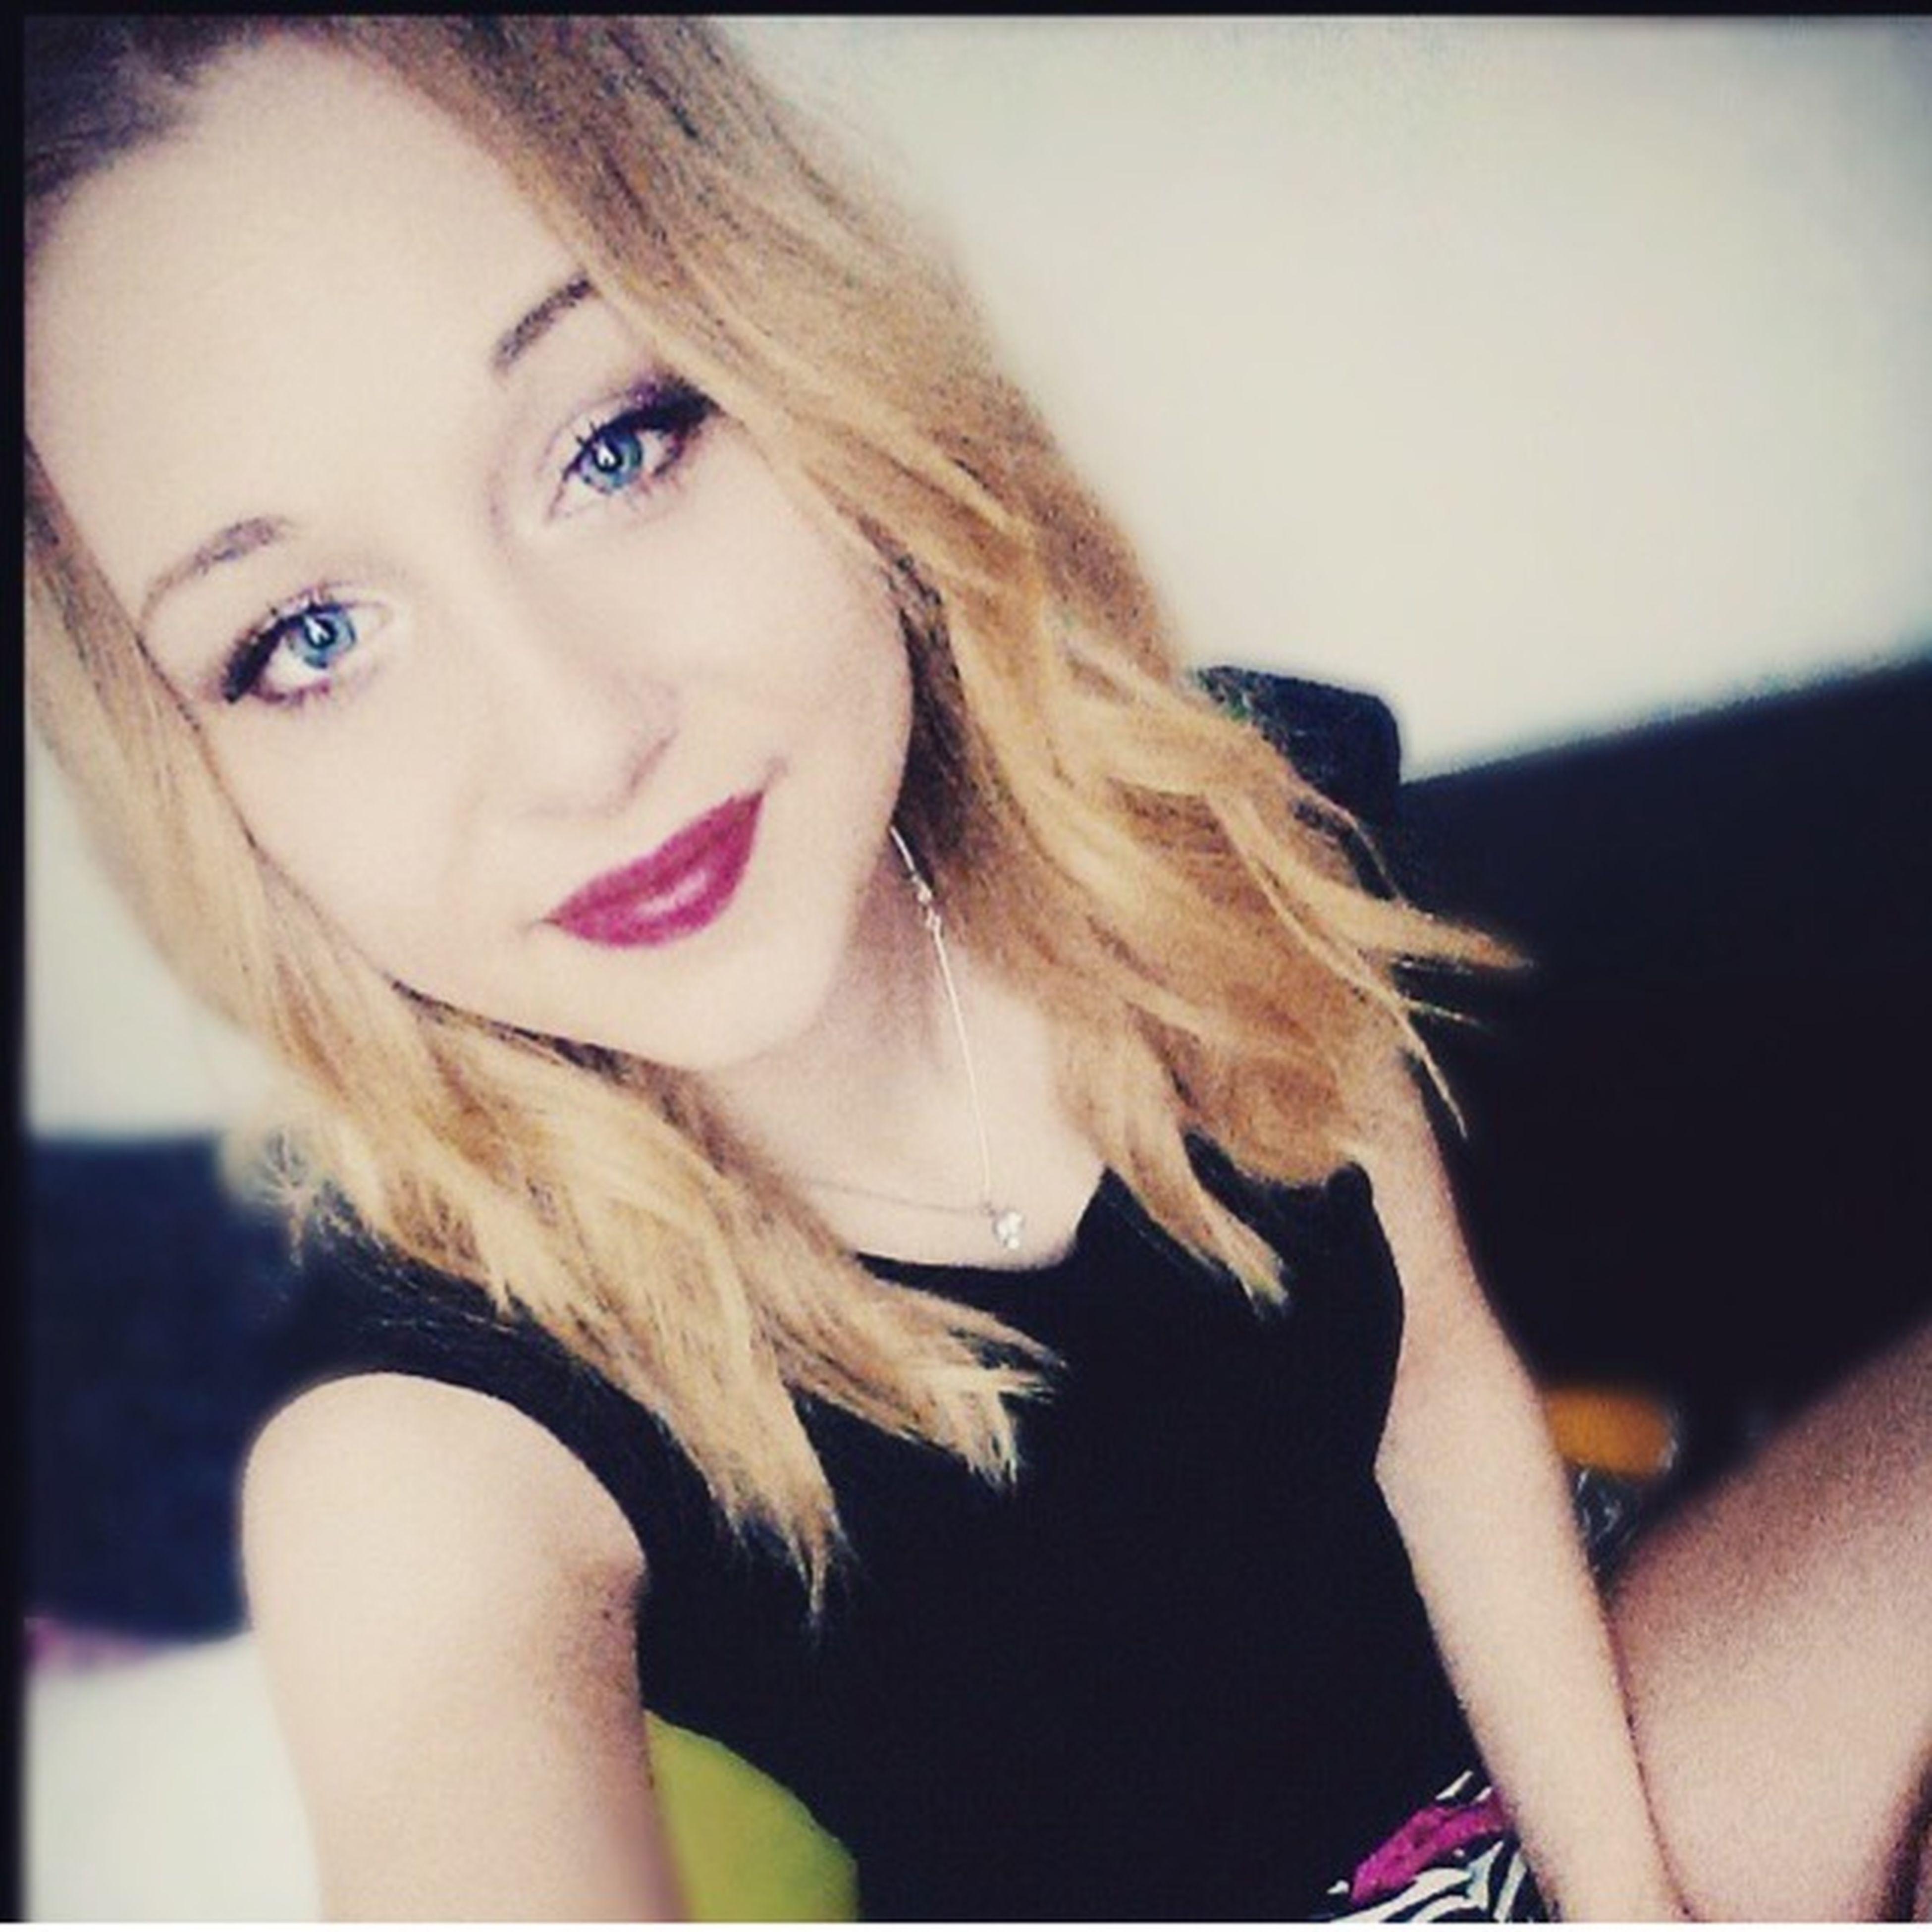 Redlips💋 Kiss Love Blondegirl Like Follow Me In Instagram : Jennyo2608 Younowerin Younow Germany #berlin ❤️❤️👌🏼